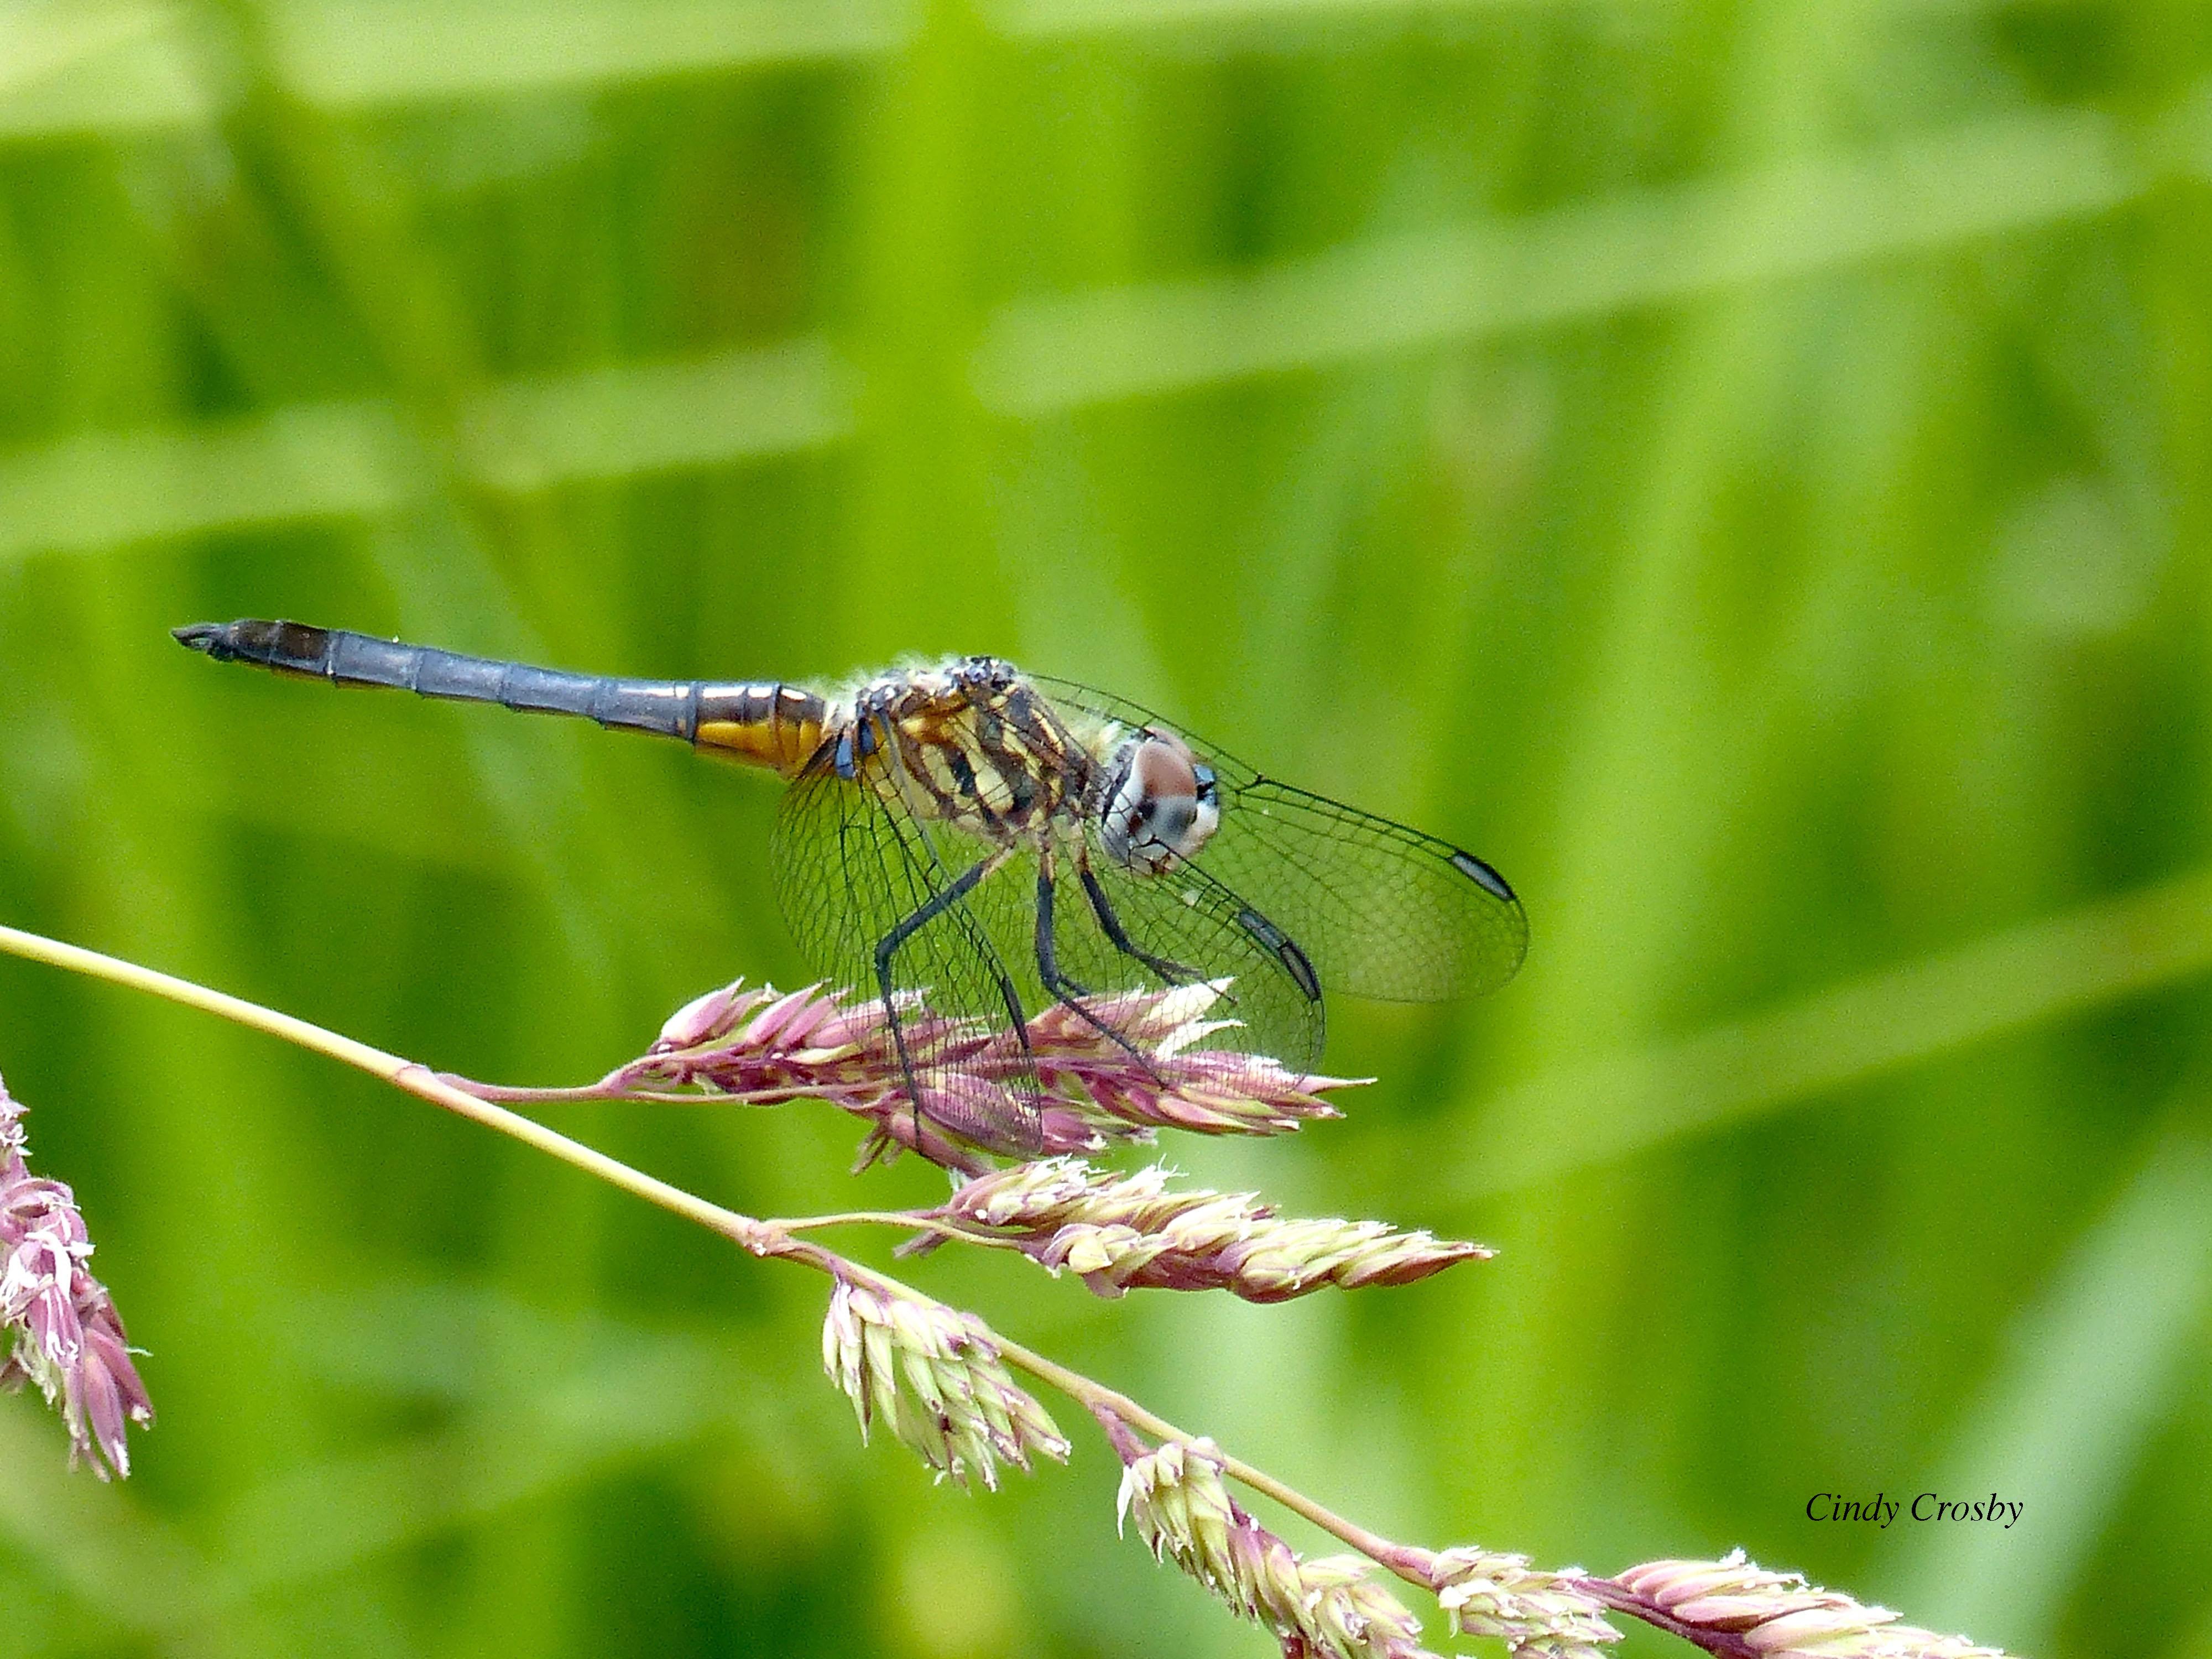 bluedasherdragonfly62419WM.jpg